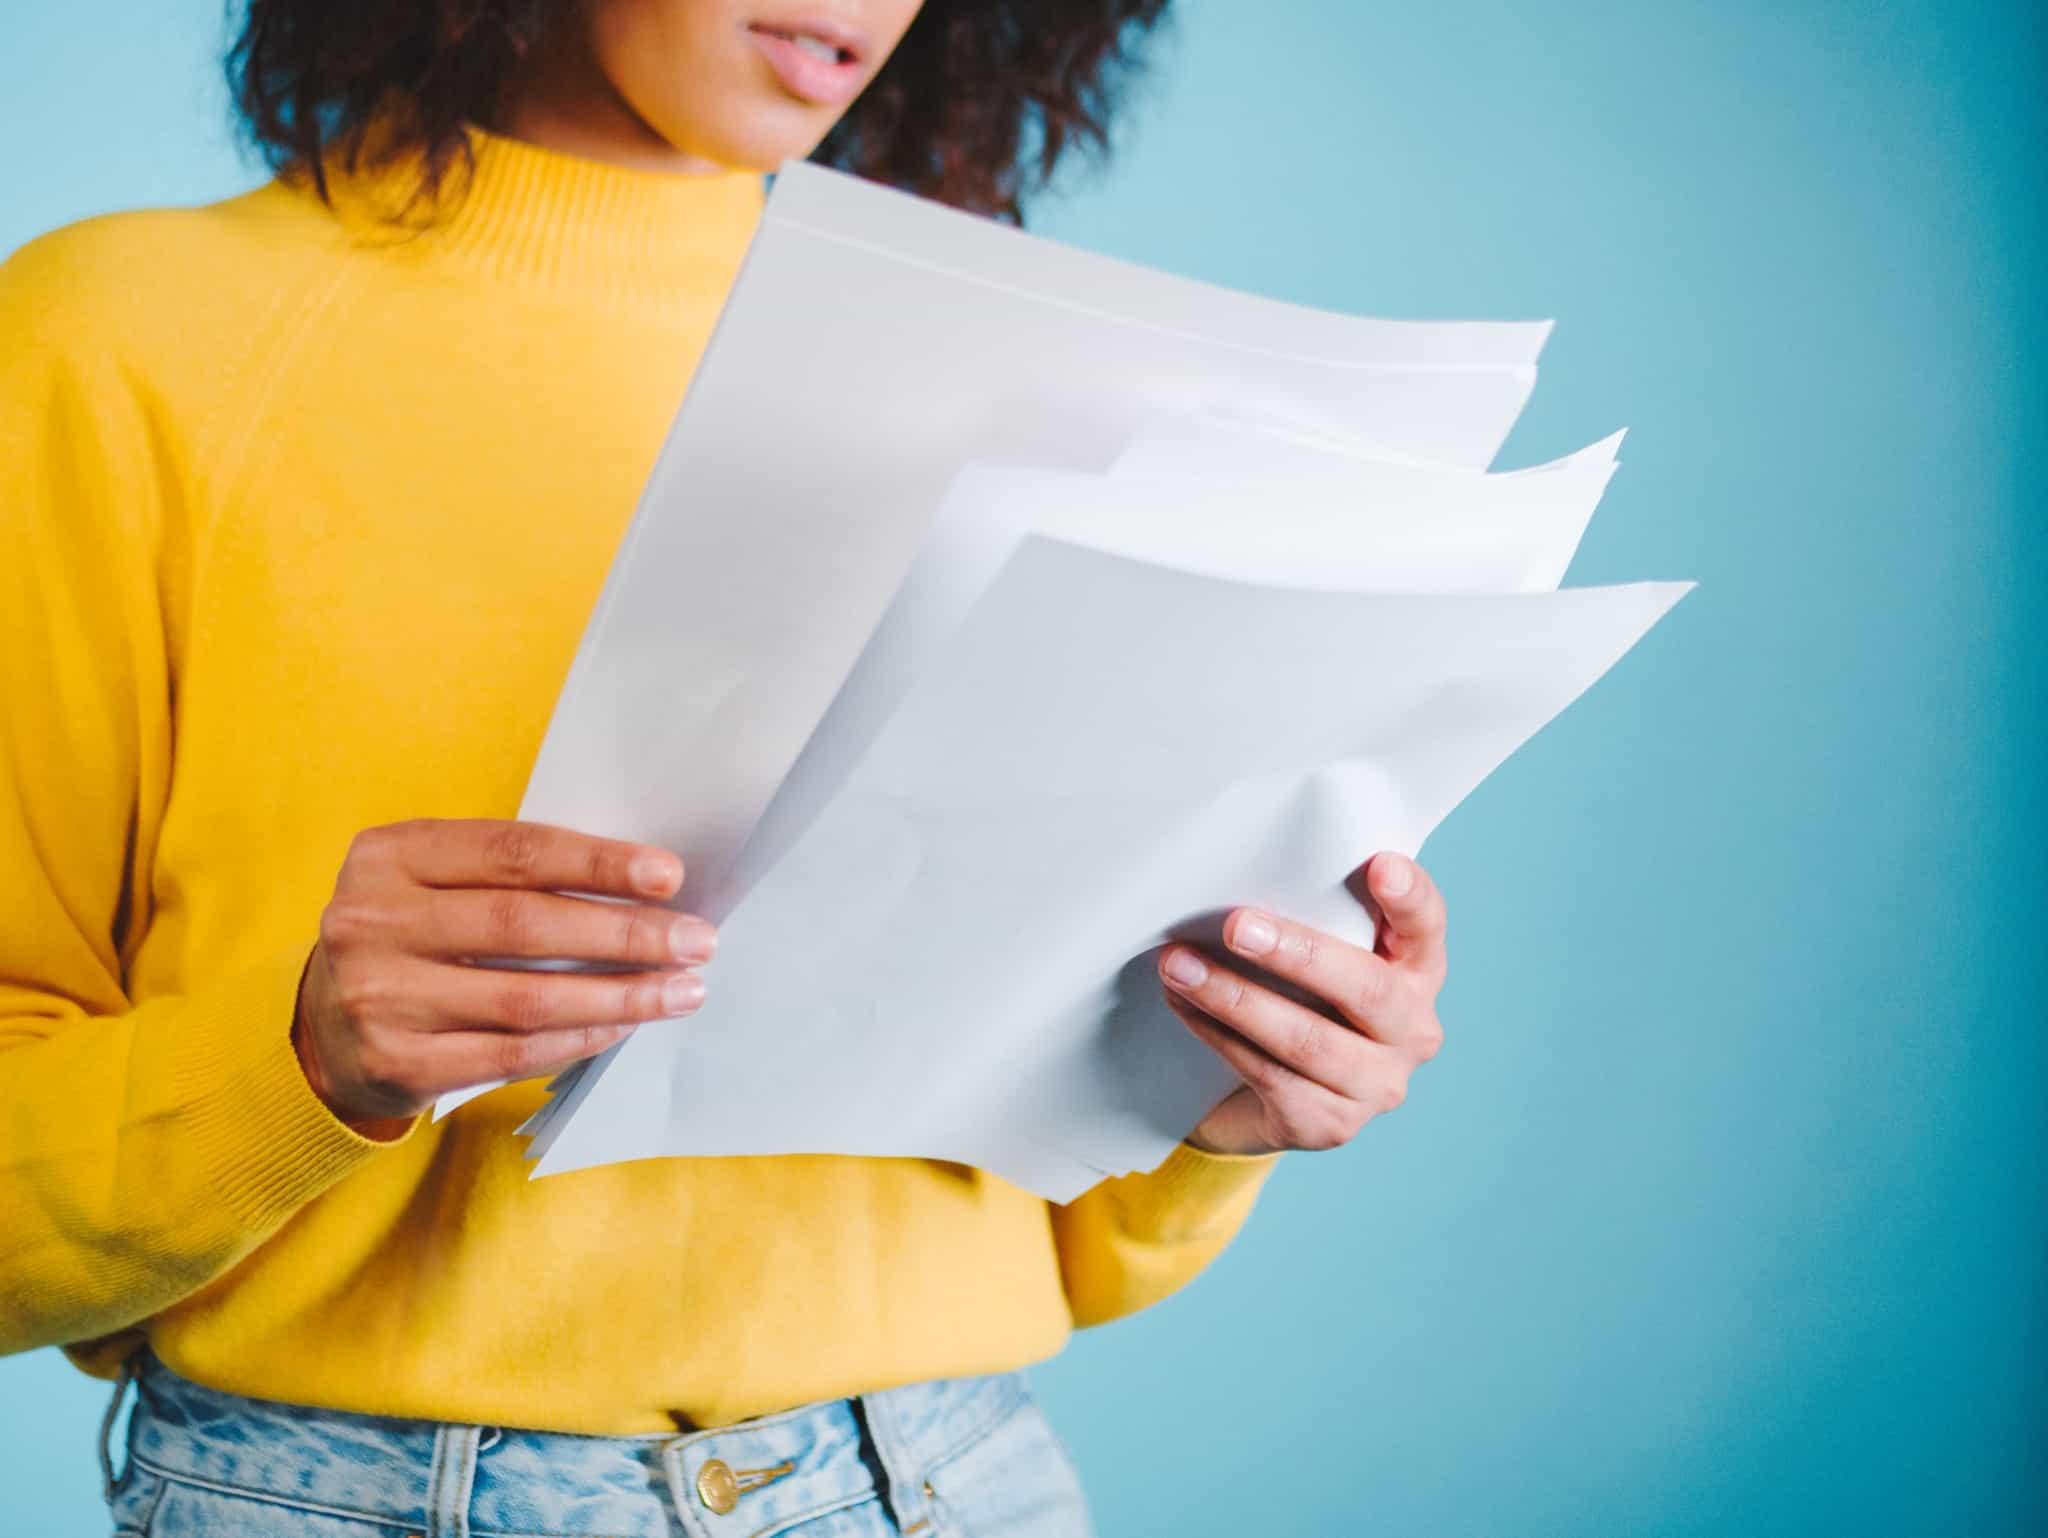 rapariga a ler documentos de folhas de papel